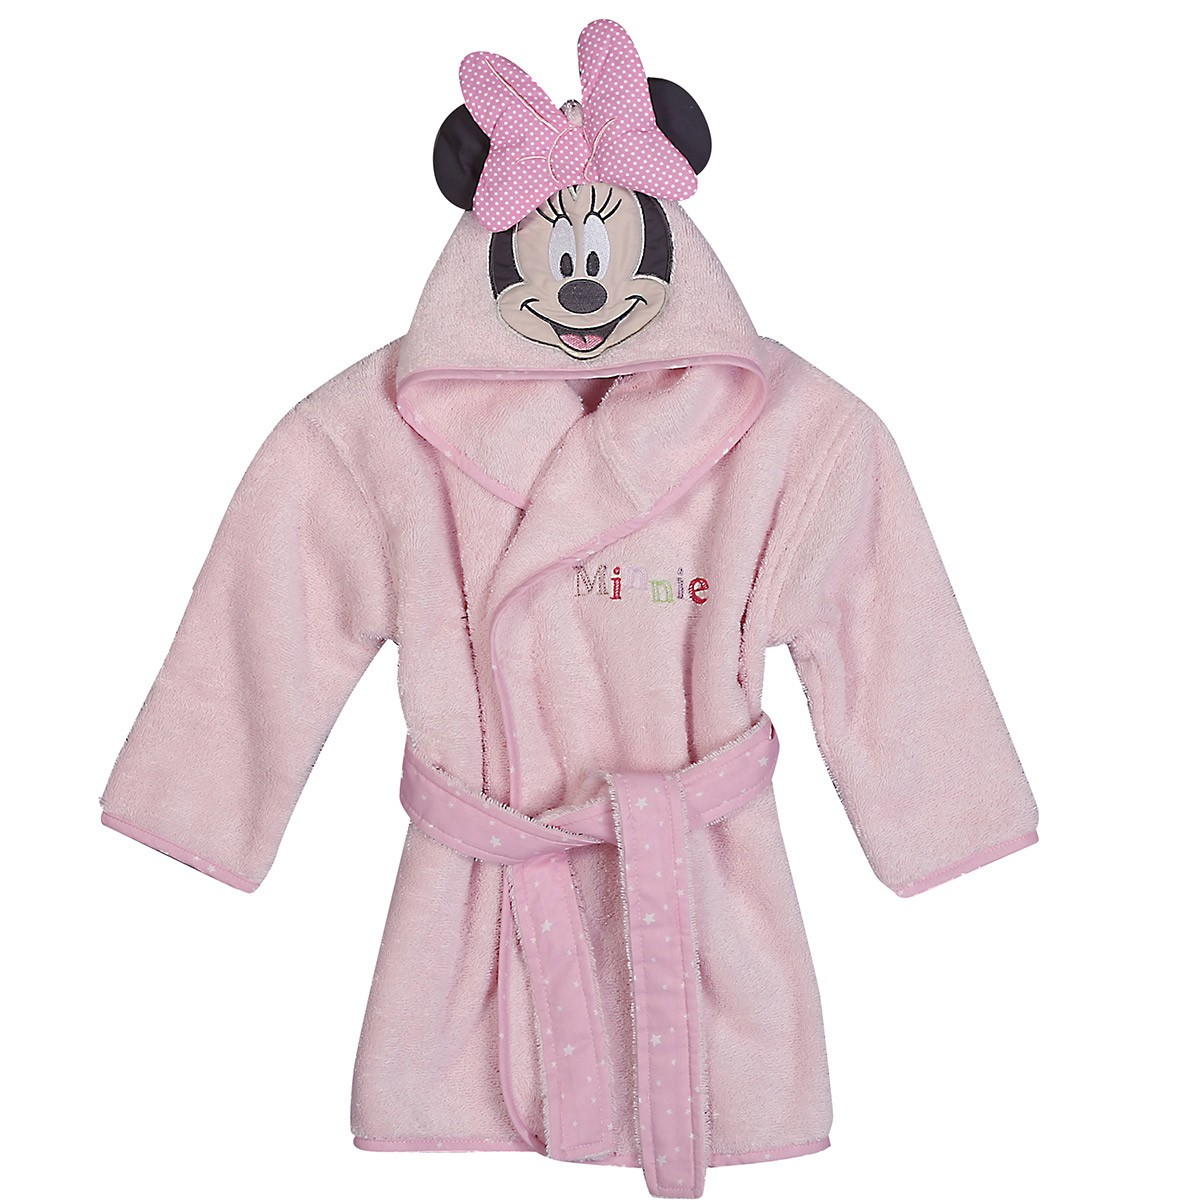 Βρεφικό Μπουρνούζι Nef-Nef Disney Minnie Fairy Νο2 Νο2